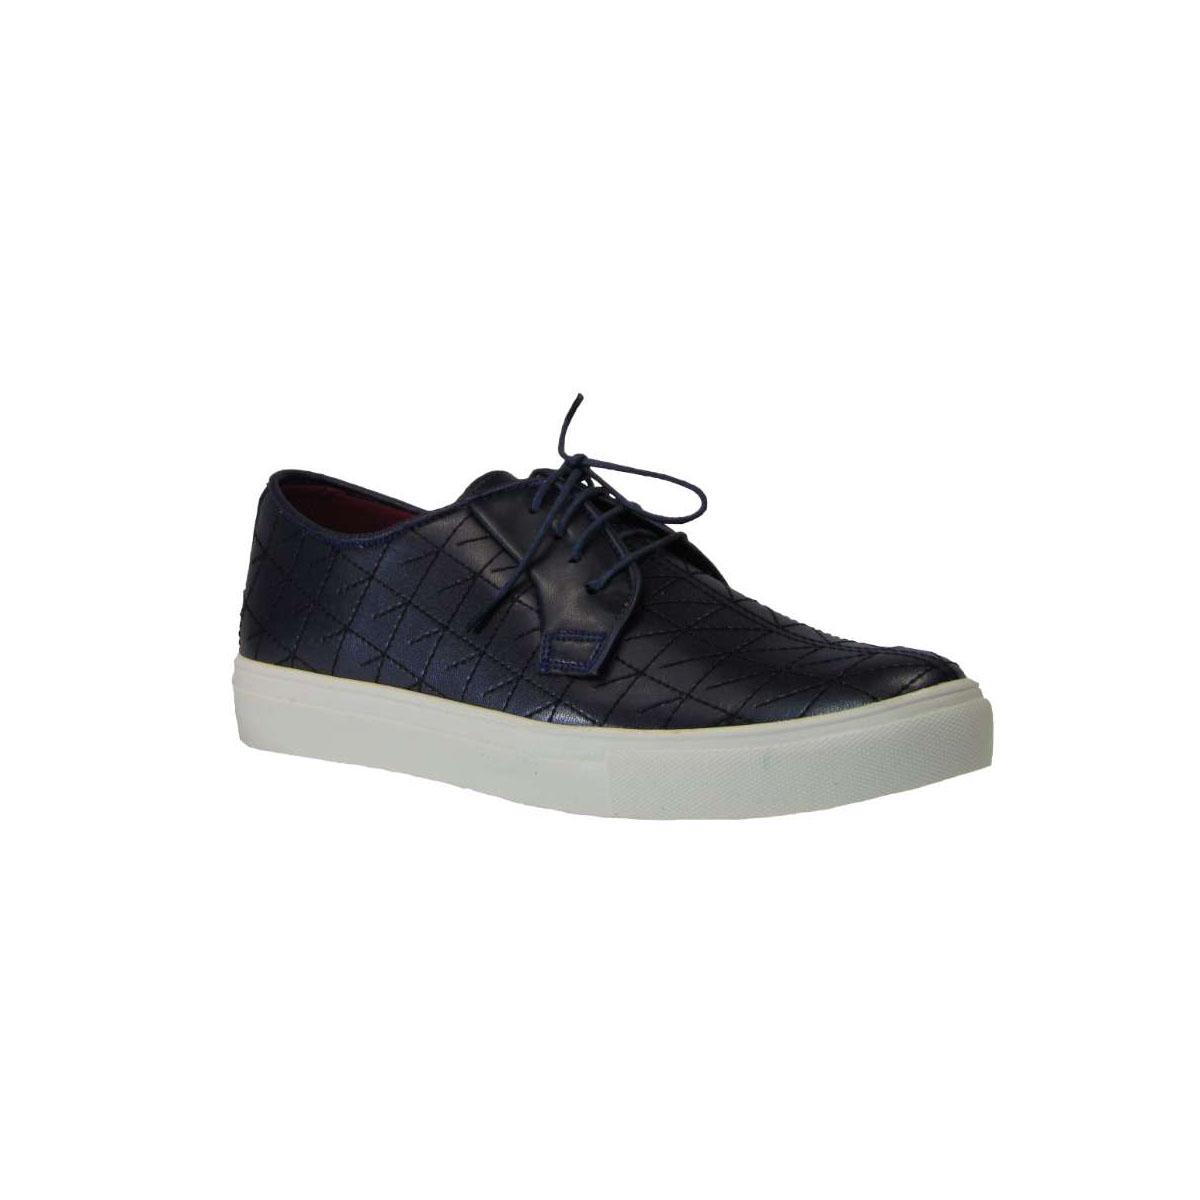 Tsimpolis Shoes R147 Ανδρικό Μοκασίνι Απο Γνήσιο Δέρμα Ταμπά ... 7a53e29e7e6